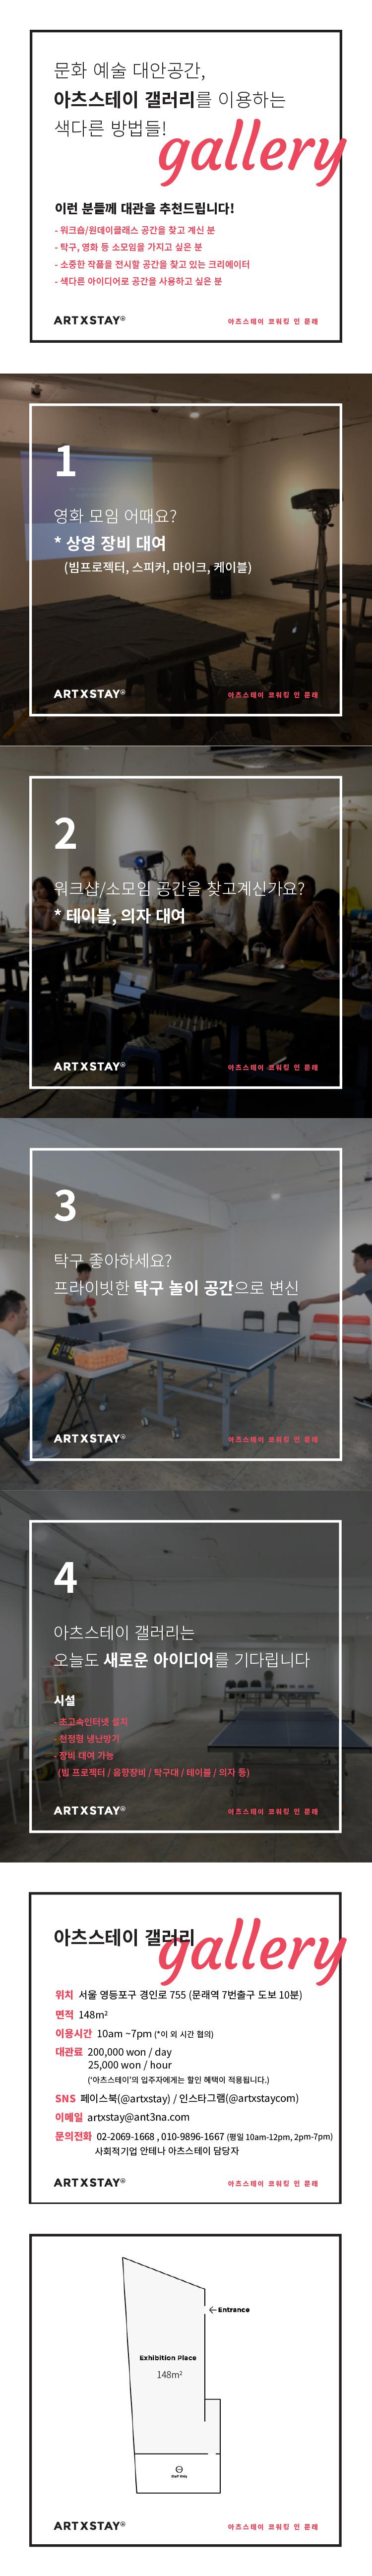 [대관안내] 아츠스테이 in 문래 갤러리 대관이미지1